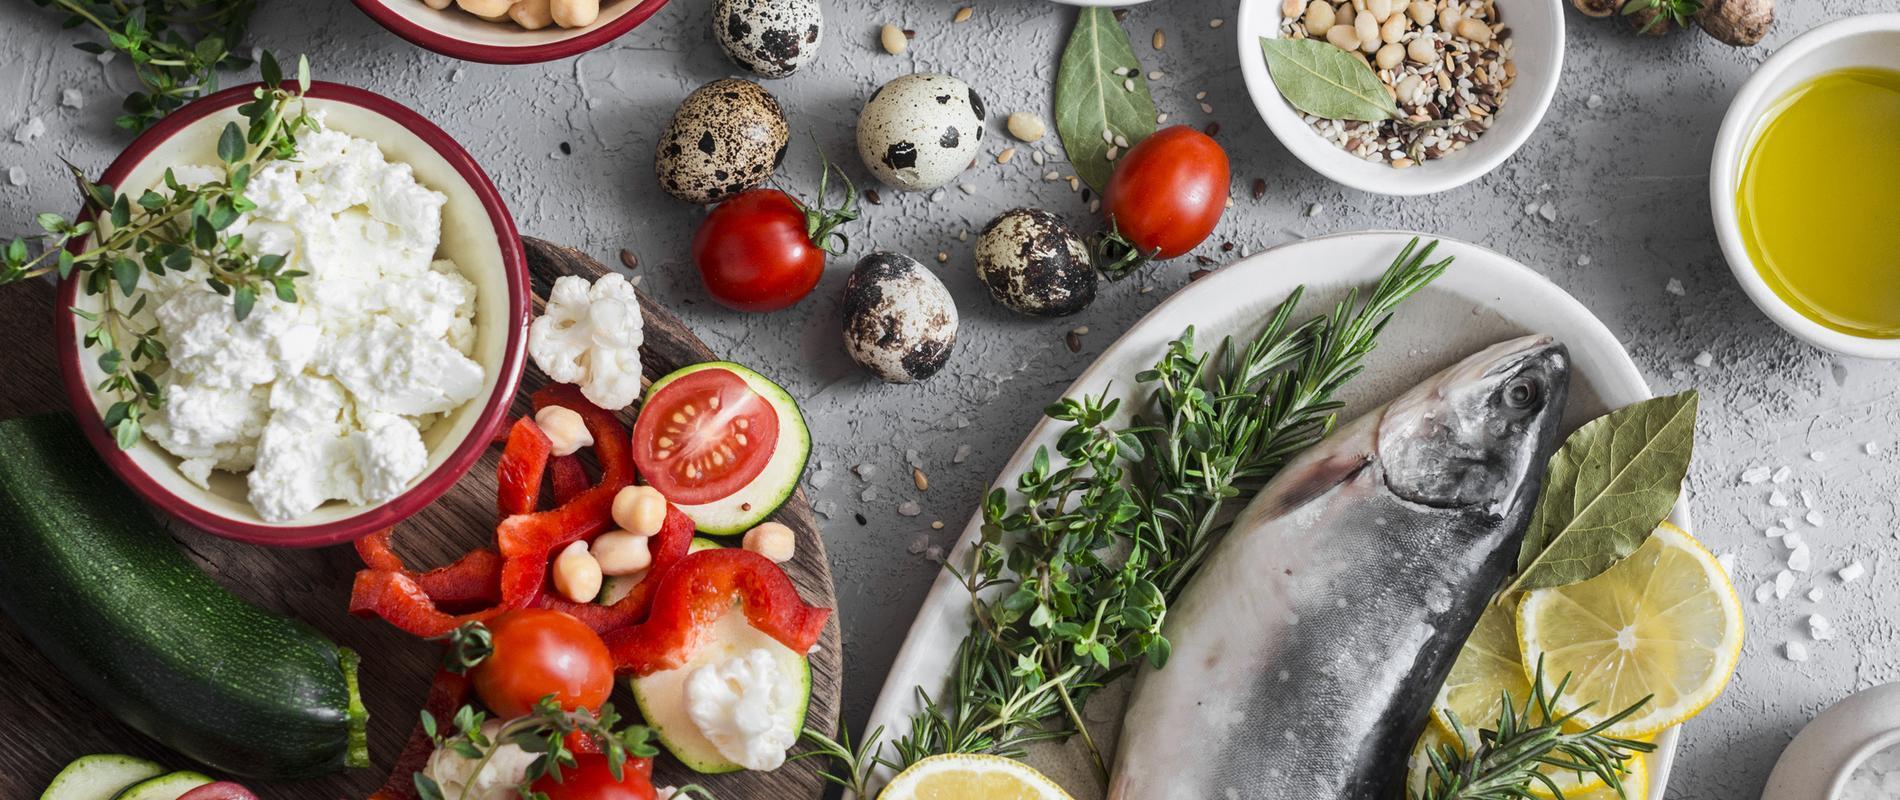 想要吃得更健康?均衡营养不挑食是关键